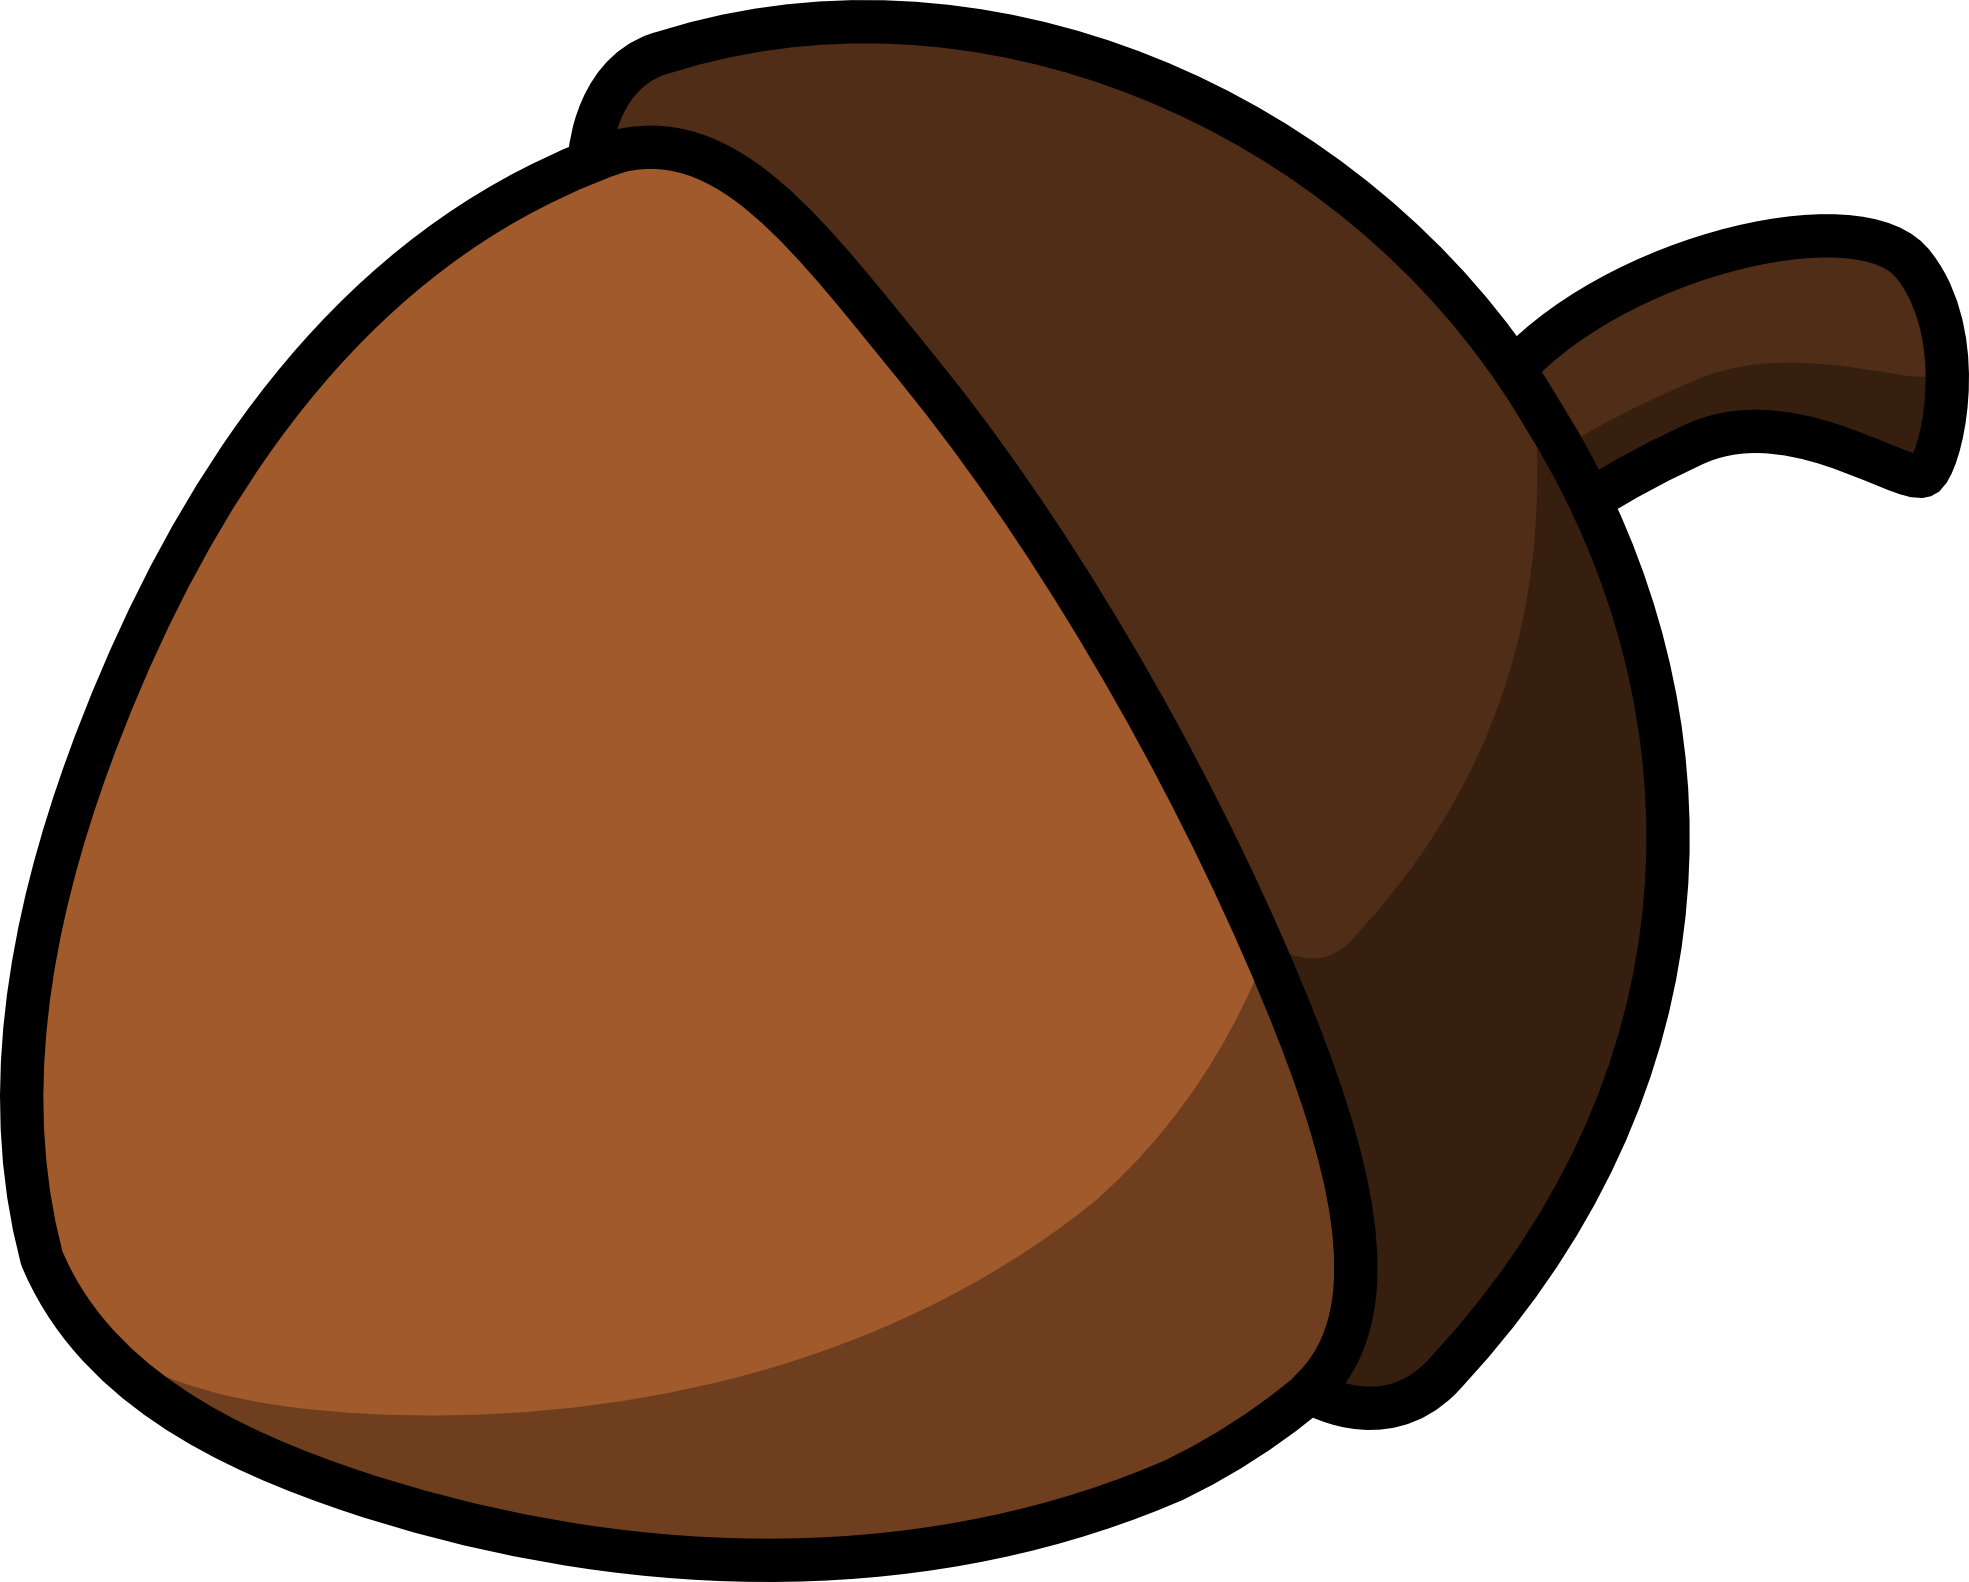 Acorn clipart: 15 acorn clip art.